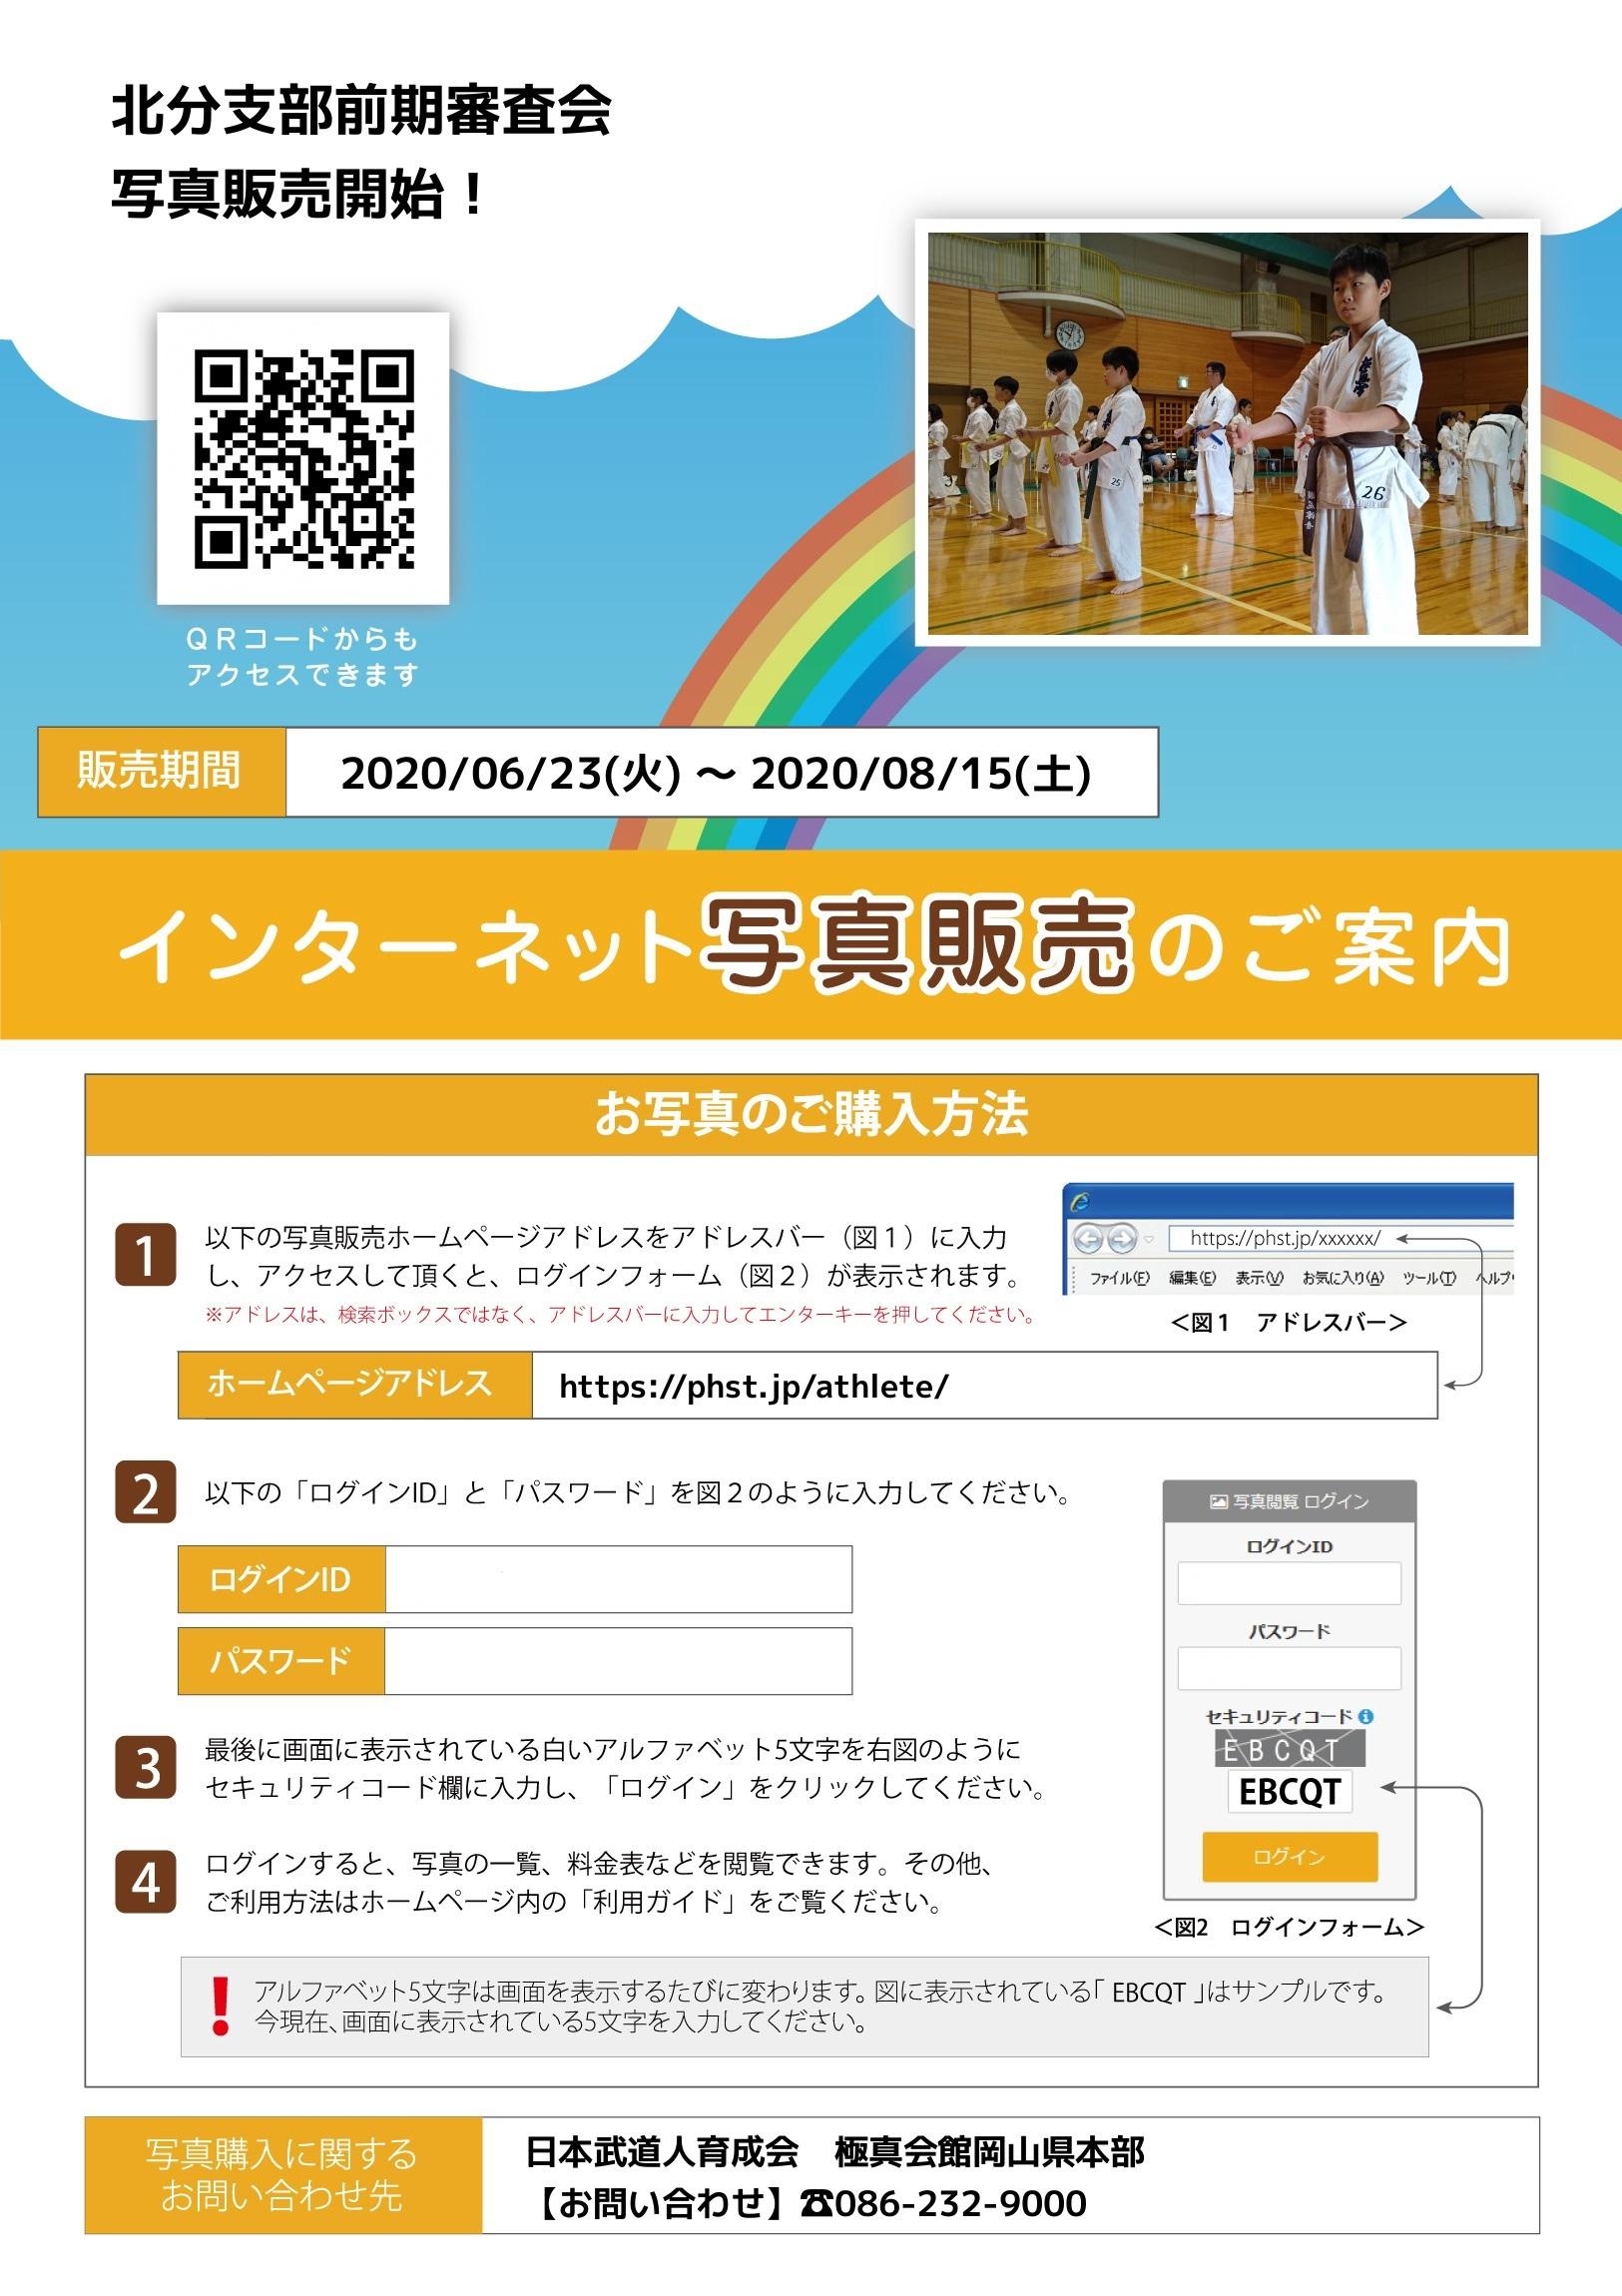 写真販売チラシ(北分支部審査会) - コピー